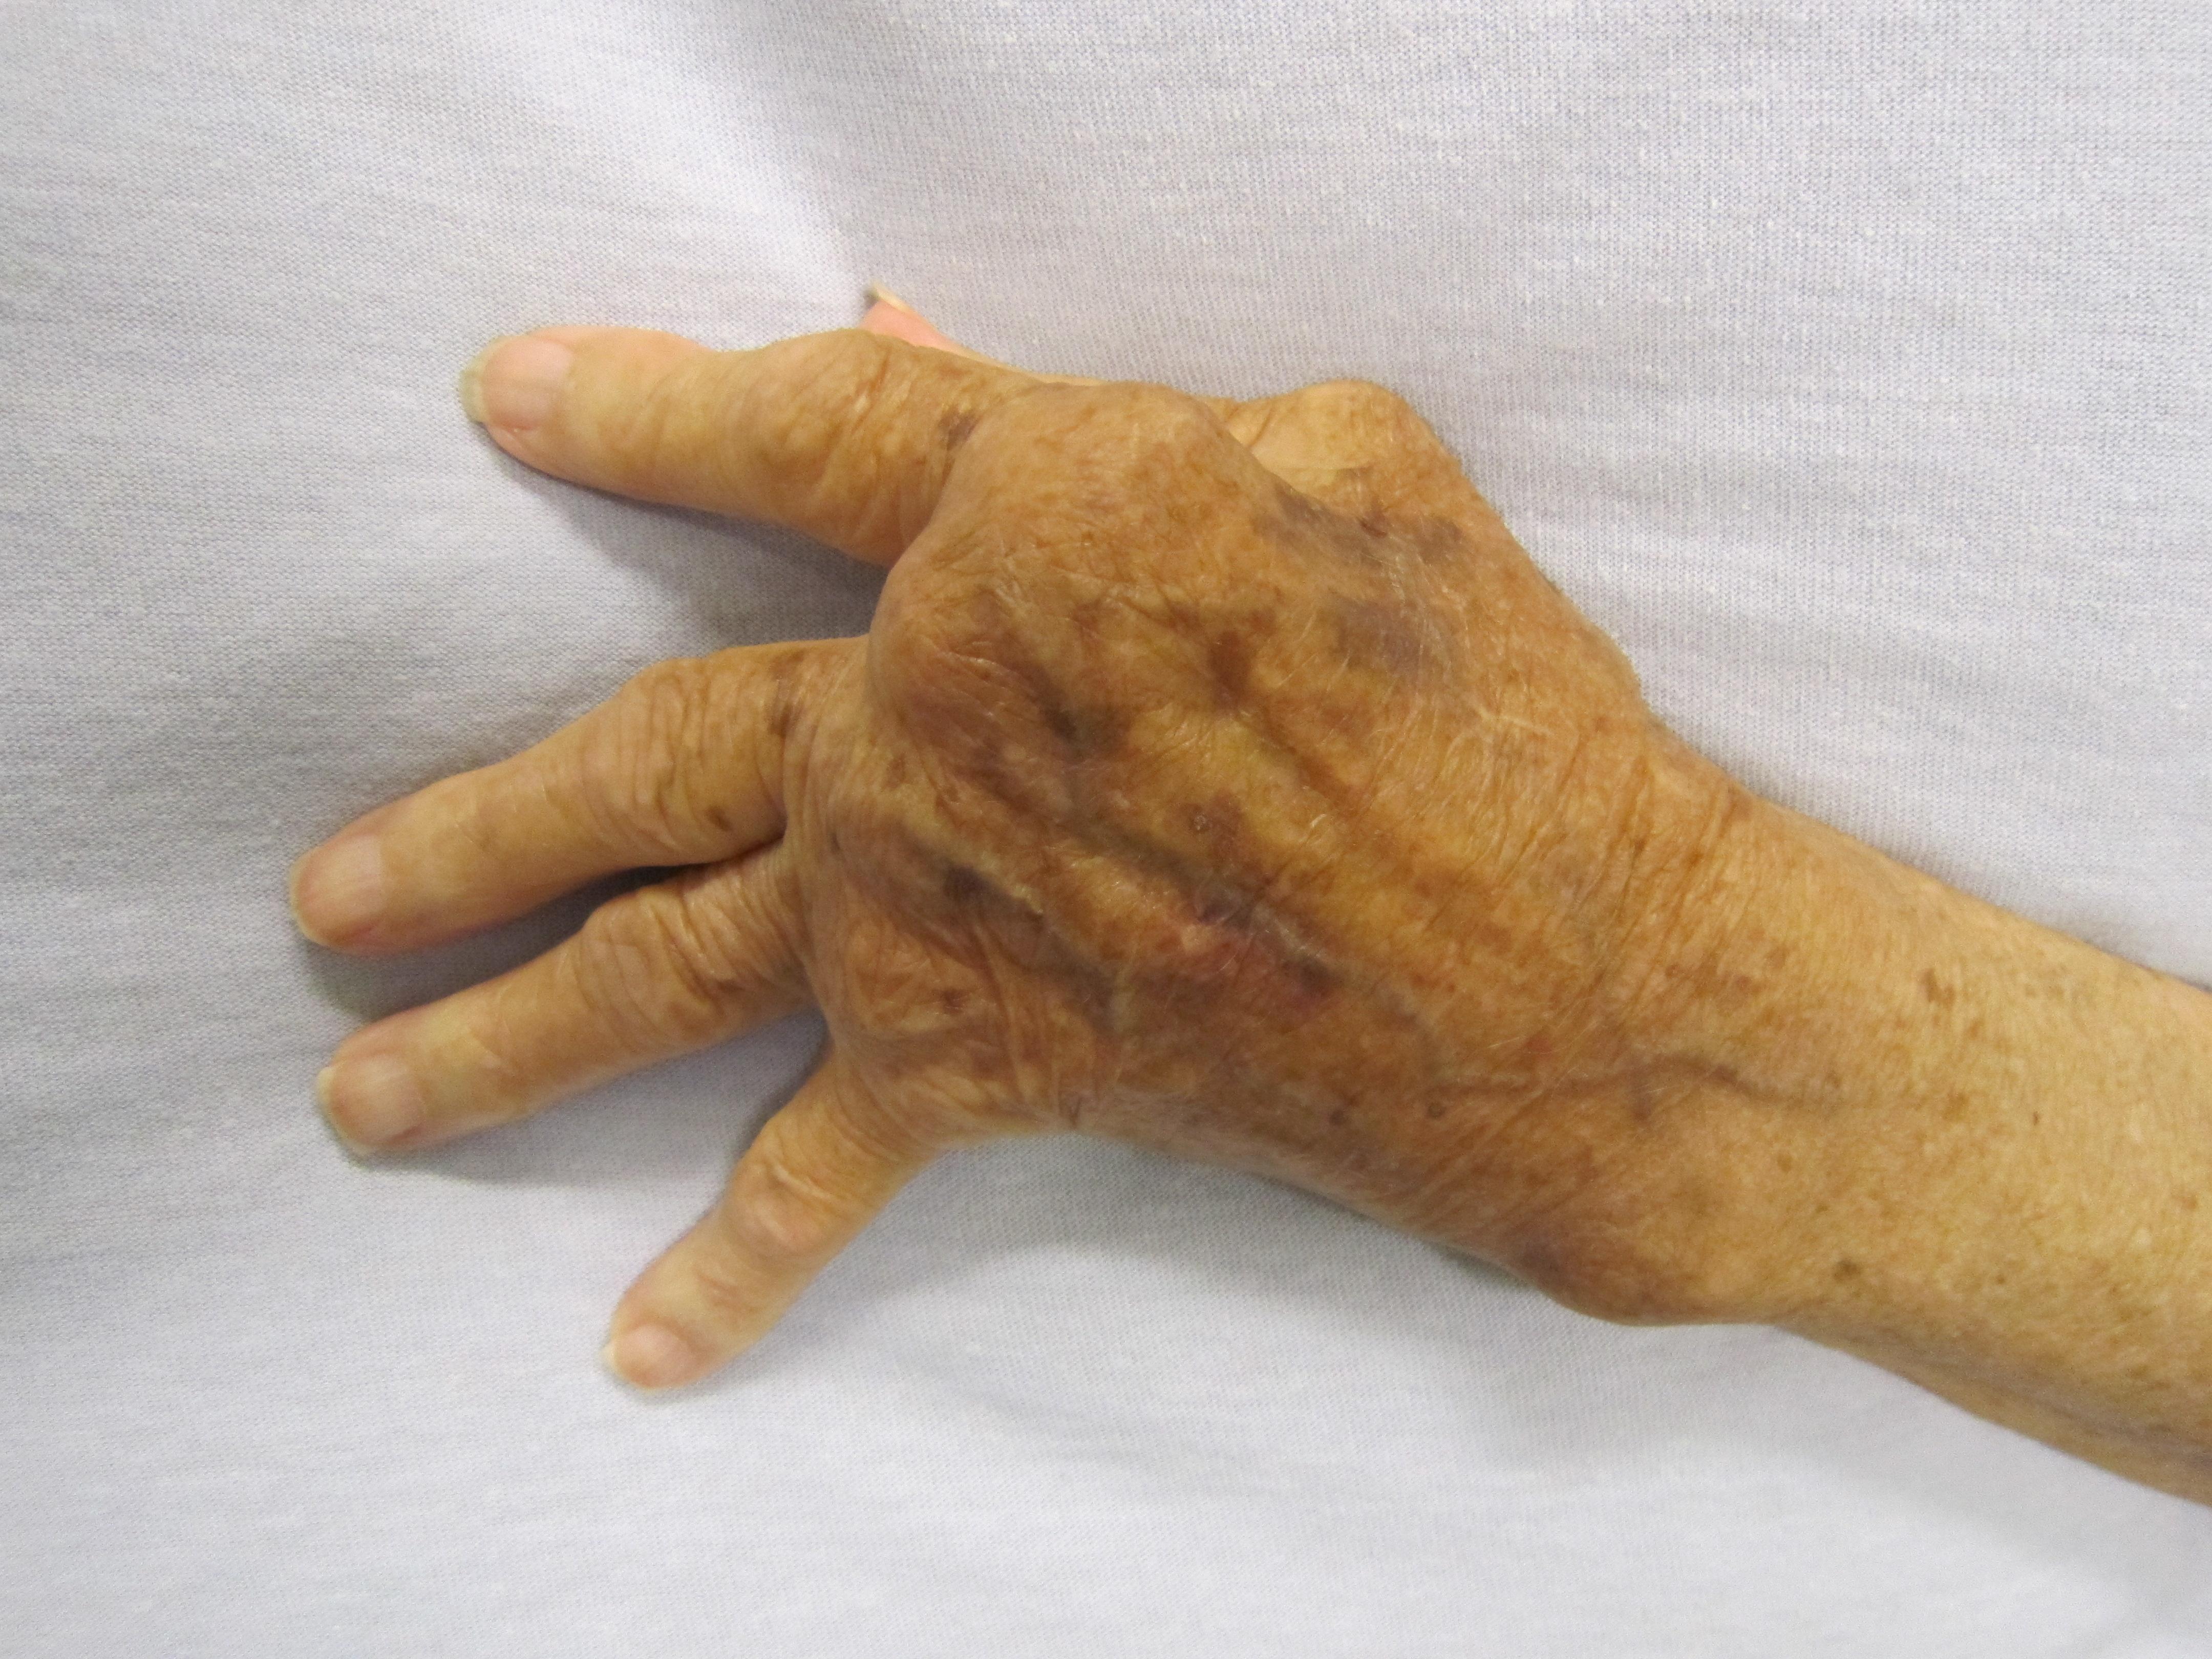 gyógyszer a kéz kis ízületeiben fellépő fájdalomra a gyermeknek ízületi fájdalmai vannak